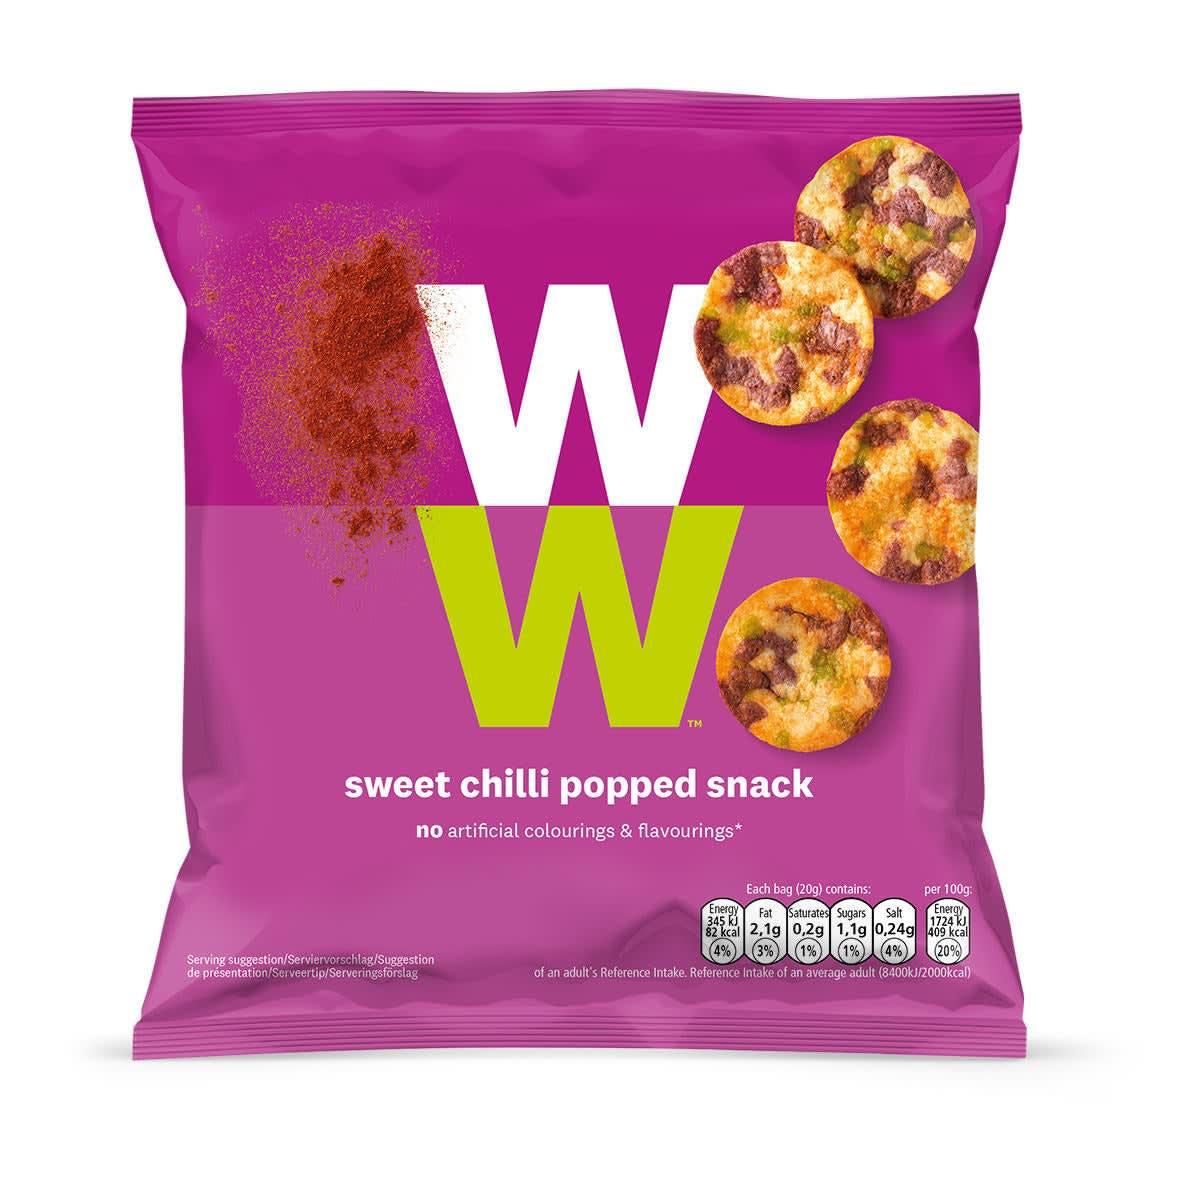 WW Snack Sweet Chili mit Kichererbsen, grünen Erbsen und Süßkartoffel, Frontansicht der pinken Verpackung mit WW Logo